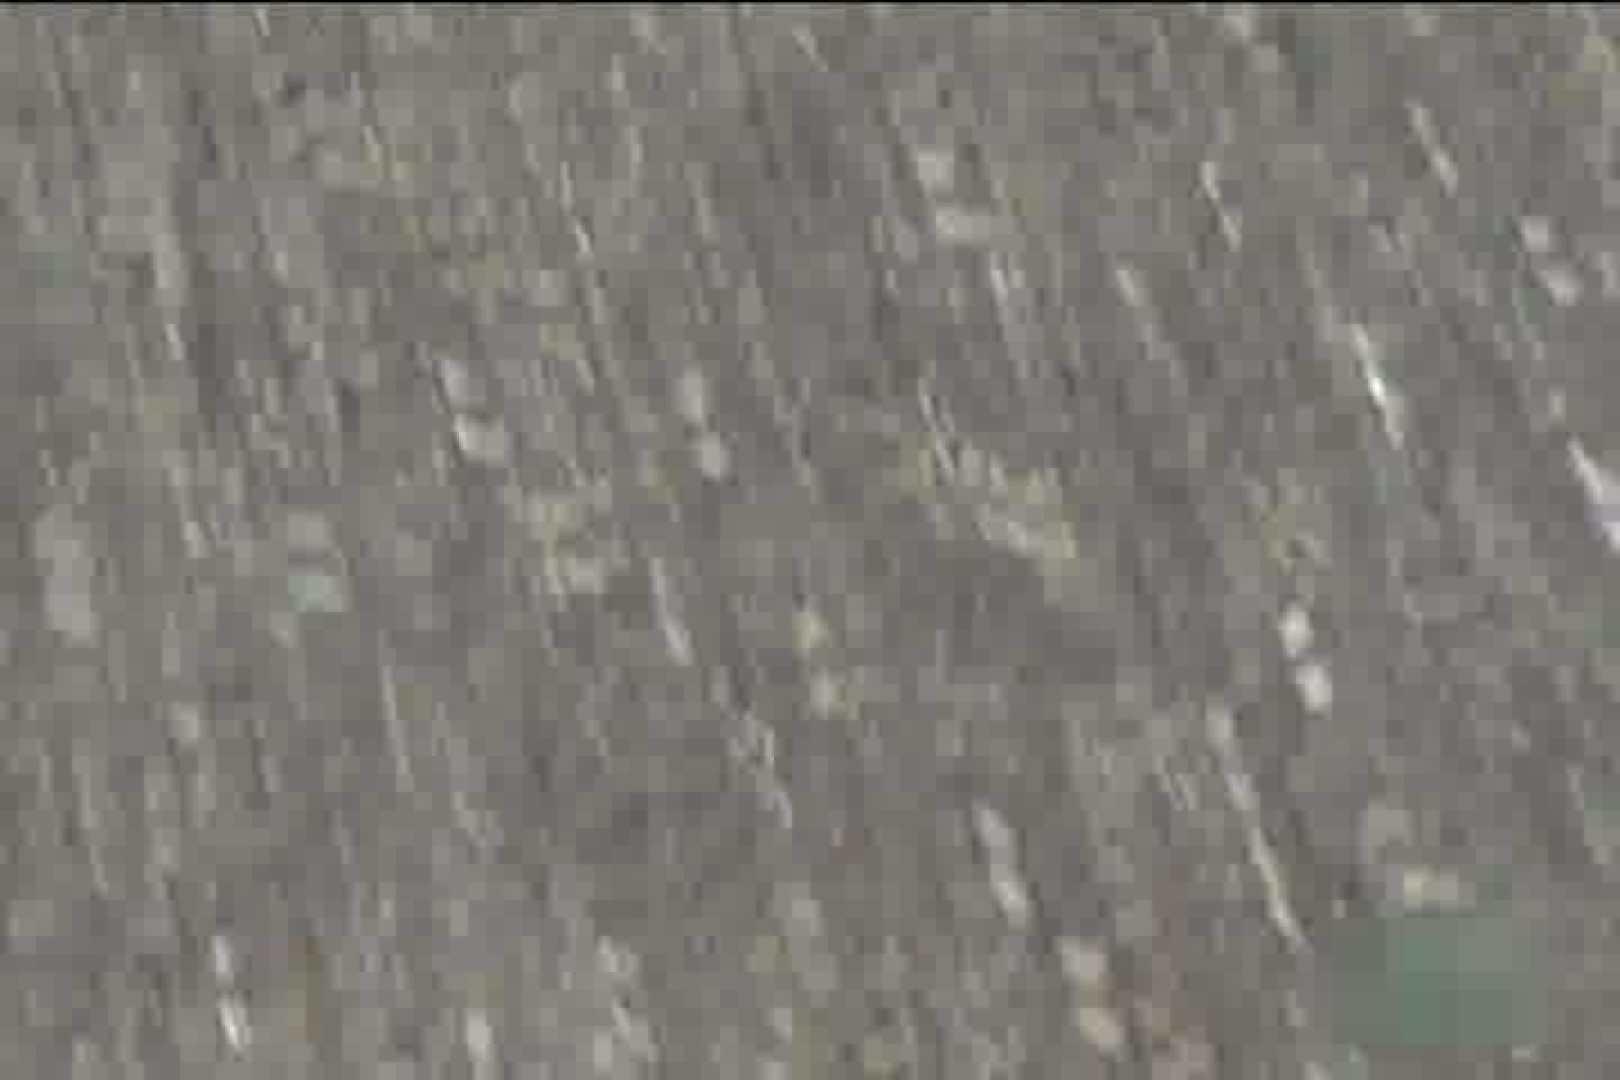 検証!隠し撮りスカートめくり!!Vol.8 ミニスカート 濡れ場動画紹介 99pic 20